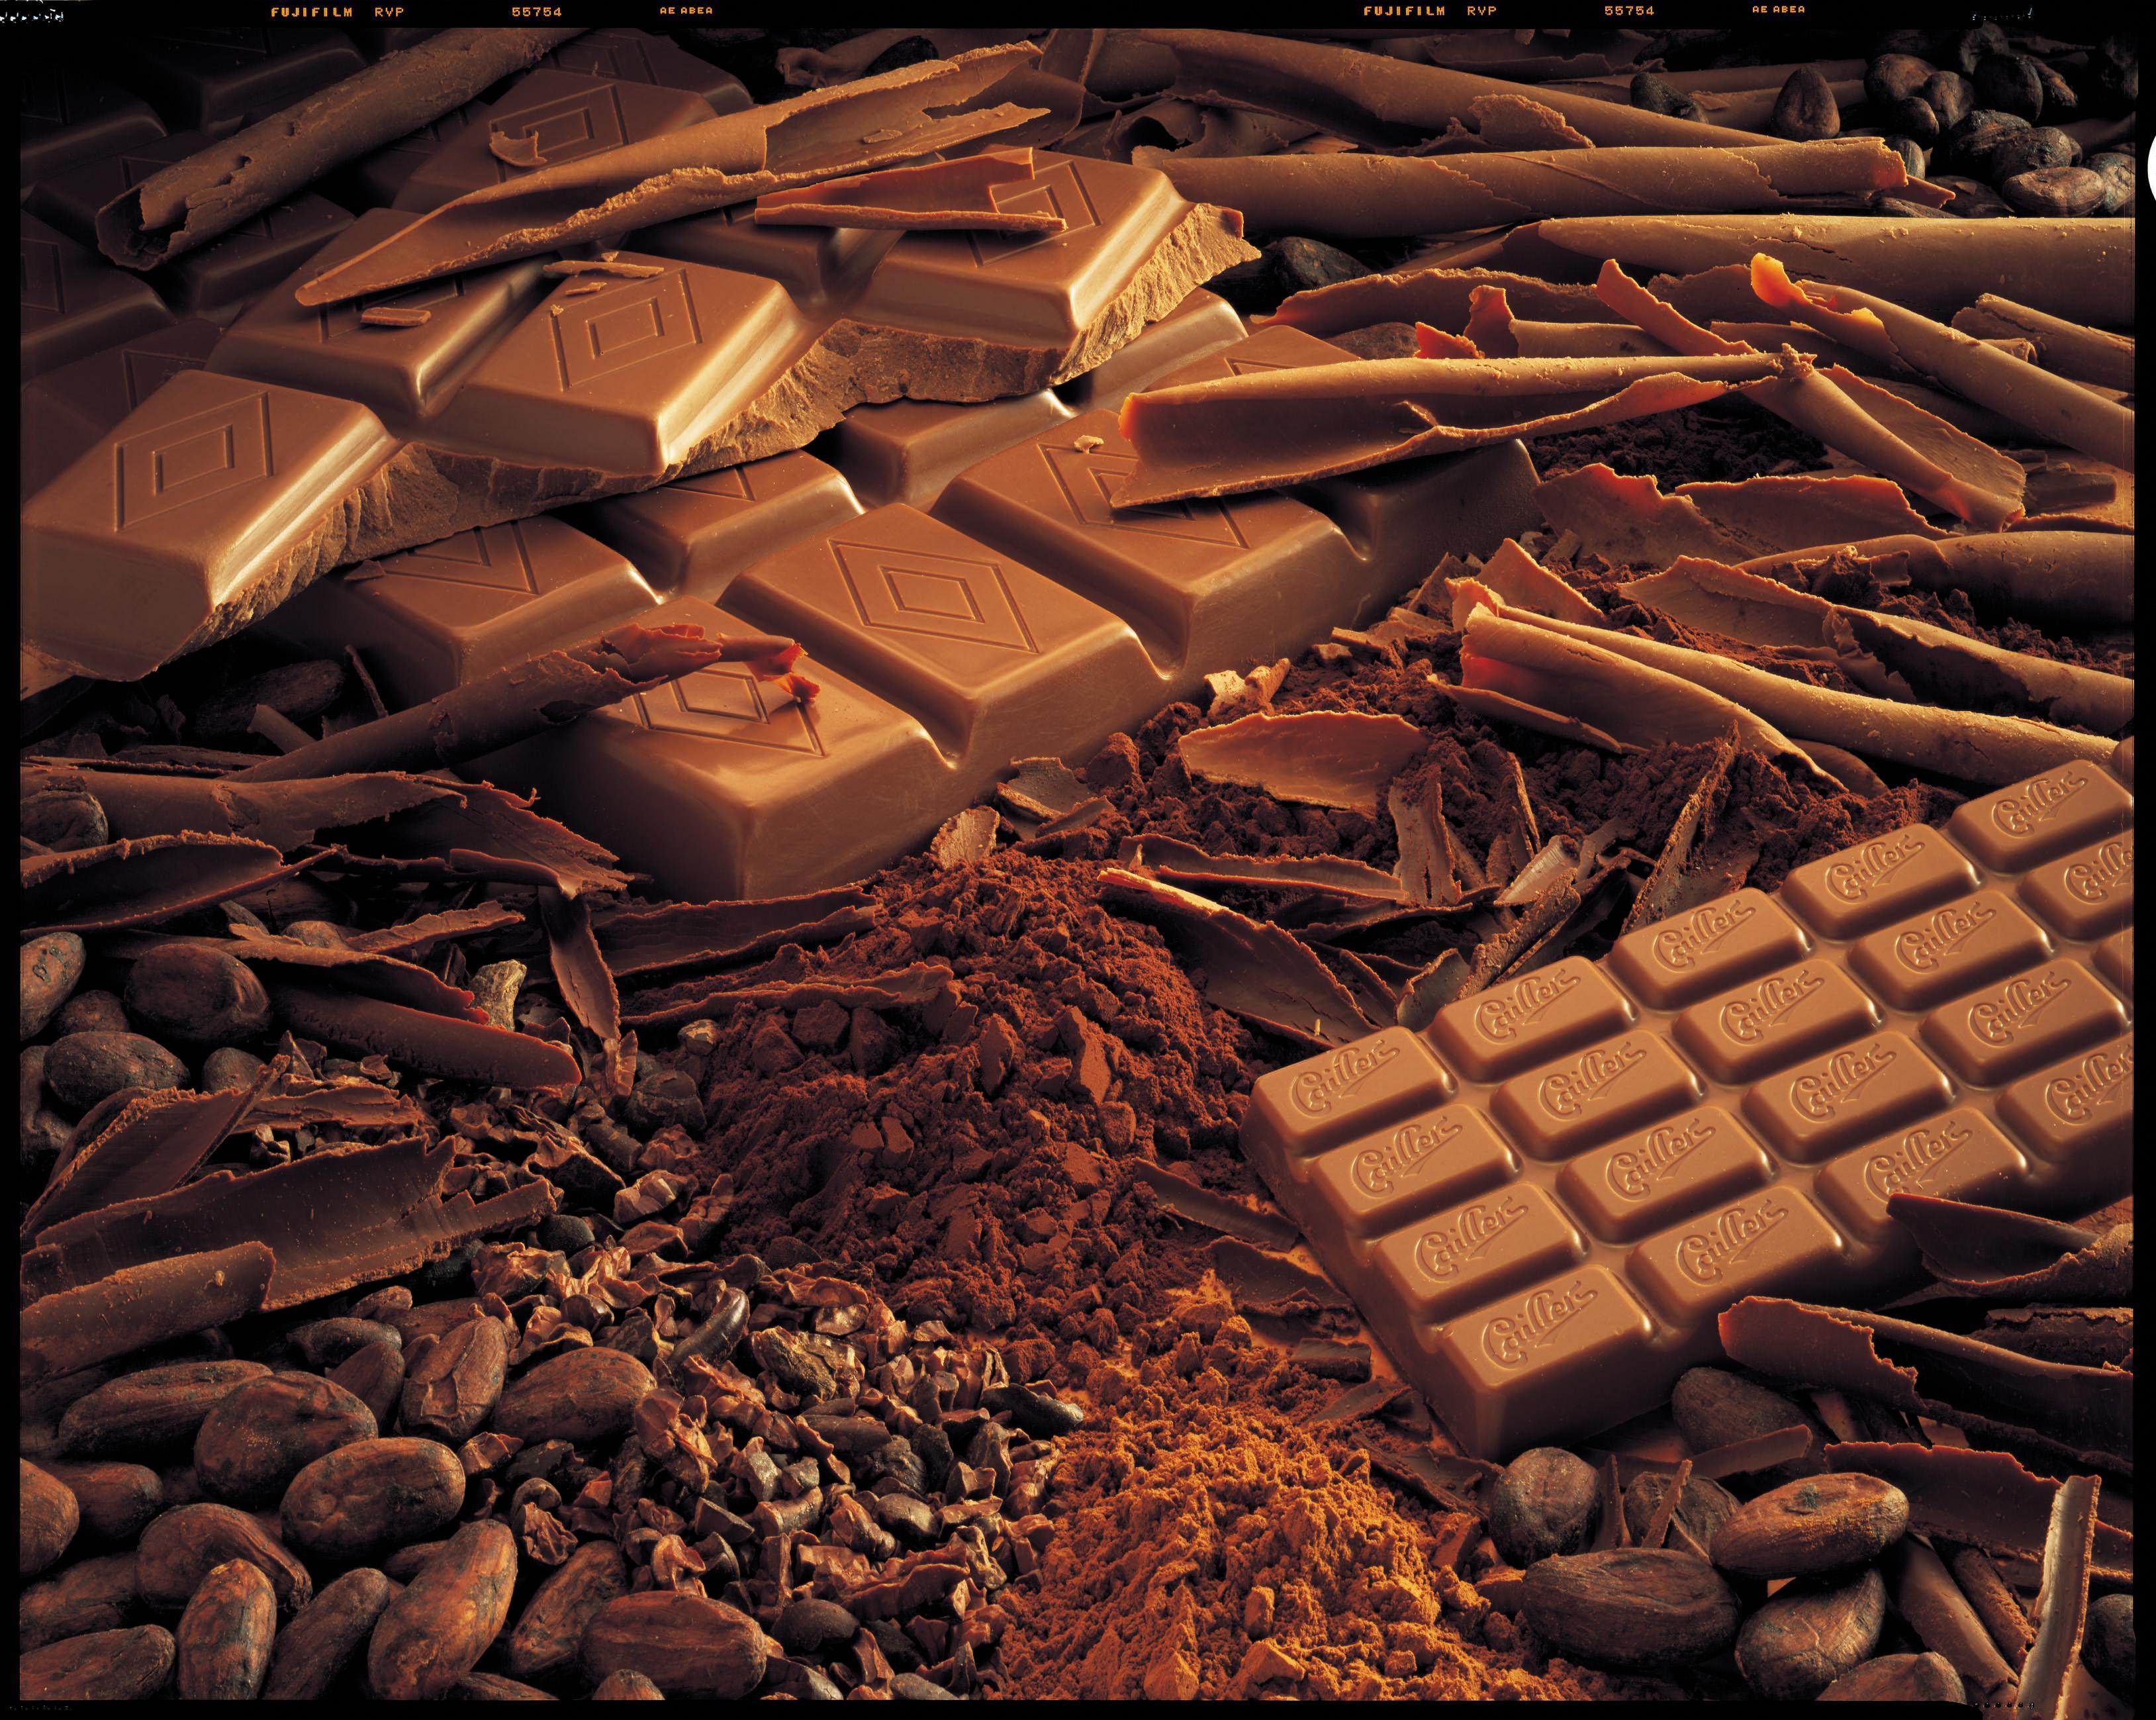 http://images.jooik.com/offers/kochen-mit-schokolade-schwetzingen/356e55ac-6231-465a-b250-083912c1e5e0.jpg